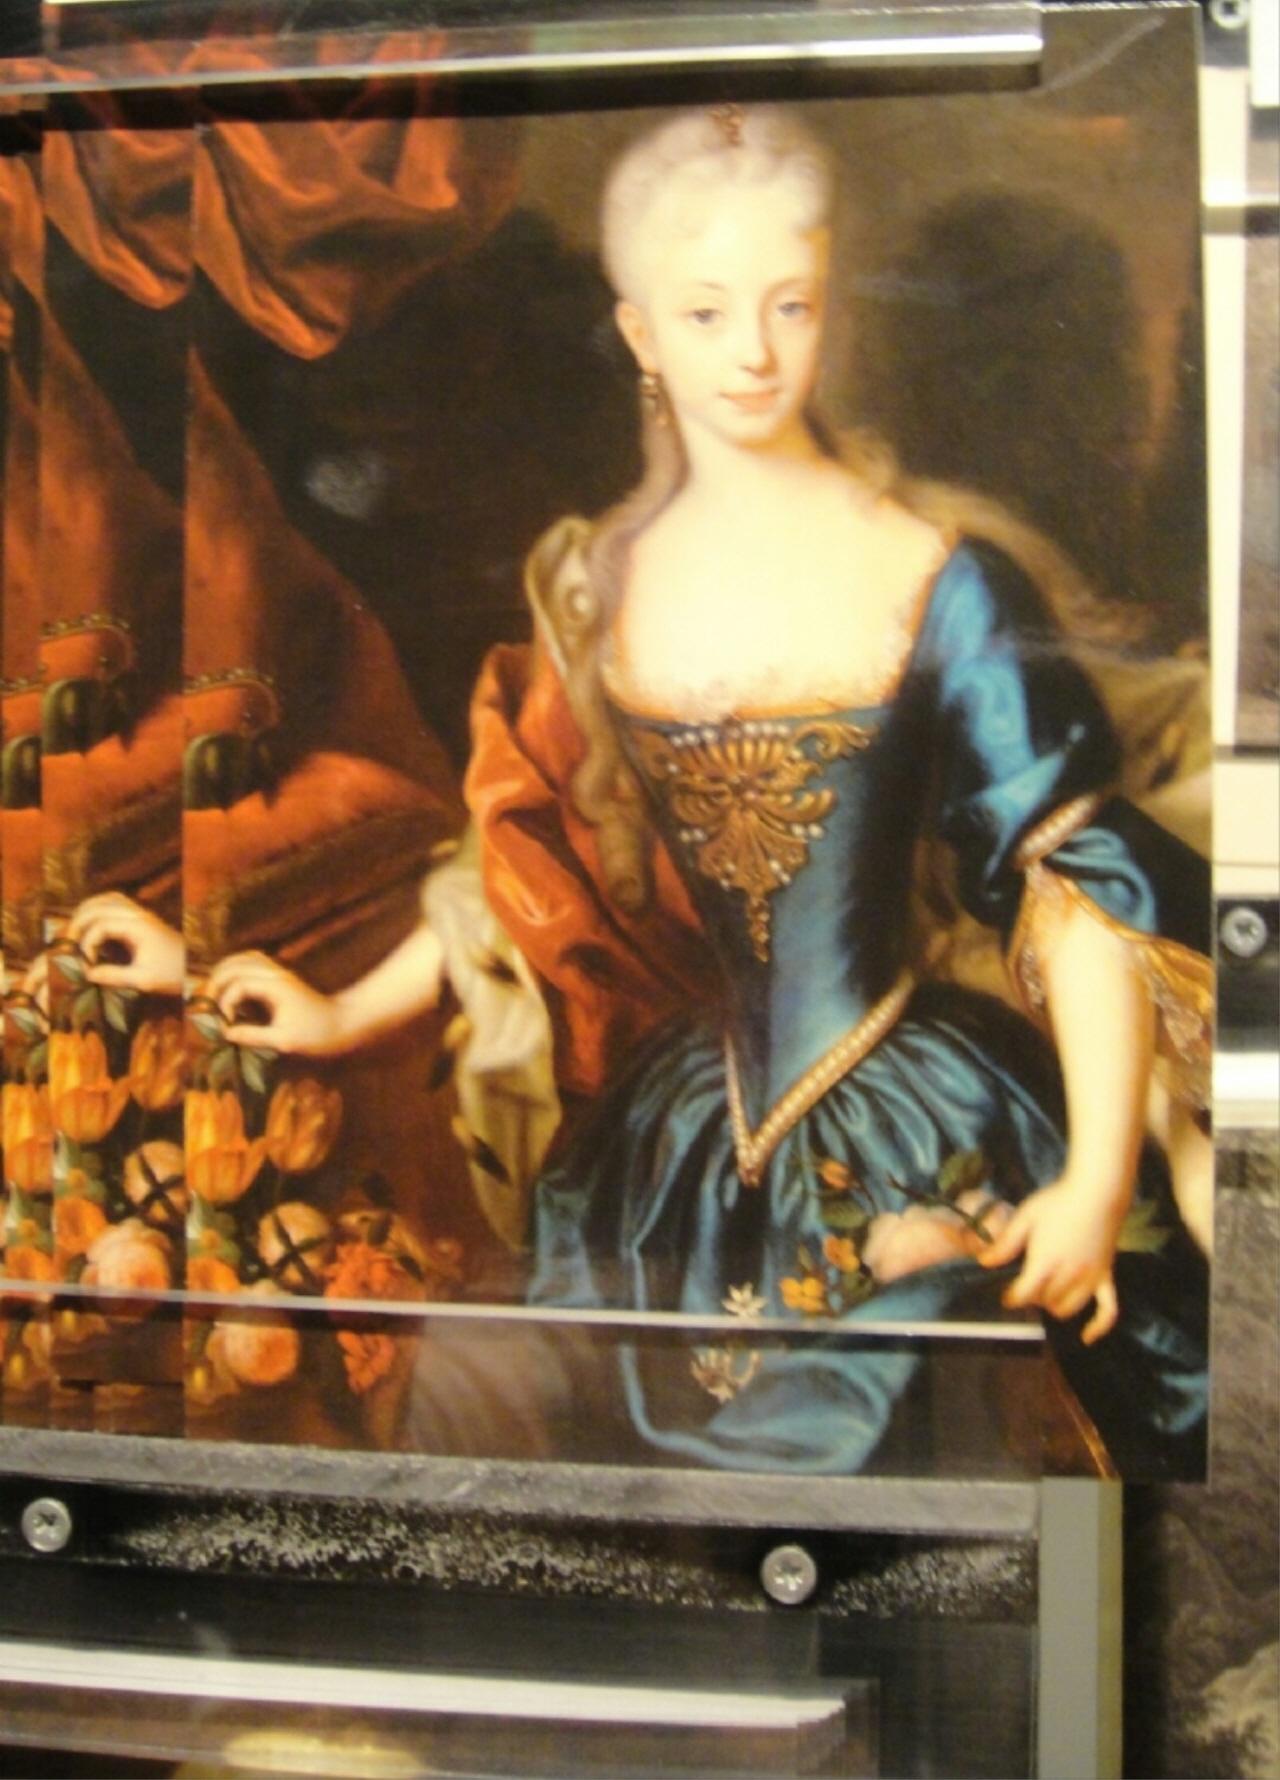 마리 앙투아네트 여제 마리아 테레지아의 공주다. 프랑스 국왕 루이 15세의 손자 루이 오귀스트, 이후 루이 16세가 될 왕세자는 마리 앙투아네트와 정략결혼을 했다. 식료품 가격 폭등, 거듭된 자연 재해, 국가 재정 파탄으로 사회 불안과 불만이 고조되었고, 마리 앙투아네트를 둘러 싼 악의적인 소문이 날로 증폭되어갔다. 파리 시민들은 10월에 베르사이유를 습격했고 왕실 가족은 튈르리 궁에 유폐되었다. 루이 16세가 1793년 1월 21일에 처형되었고, 마리 앙투아네트는 10월 15일 사형 판결을 받았다.